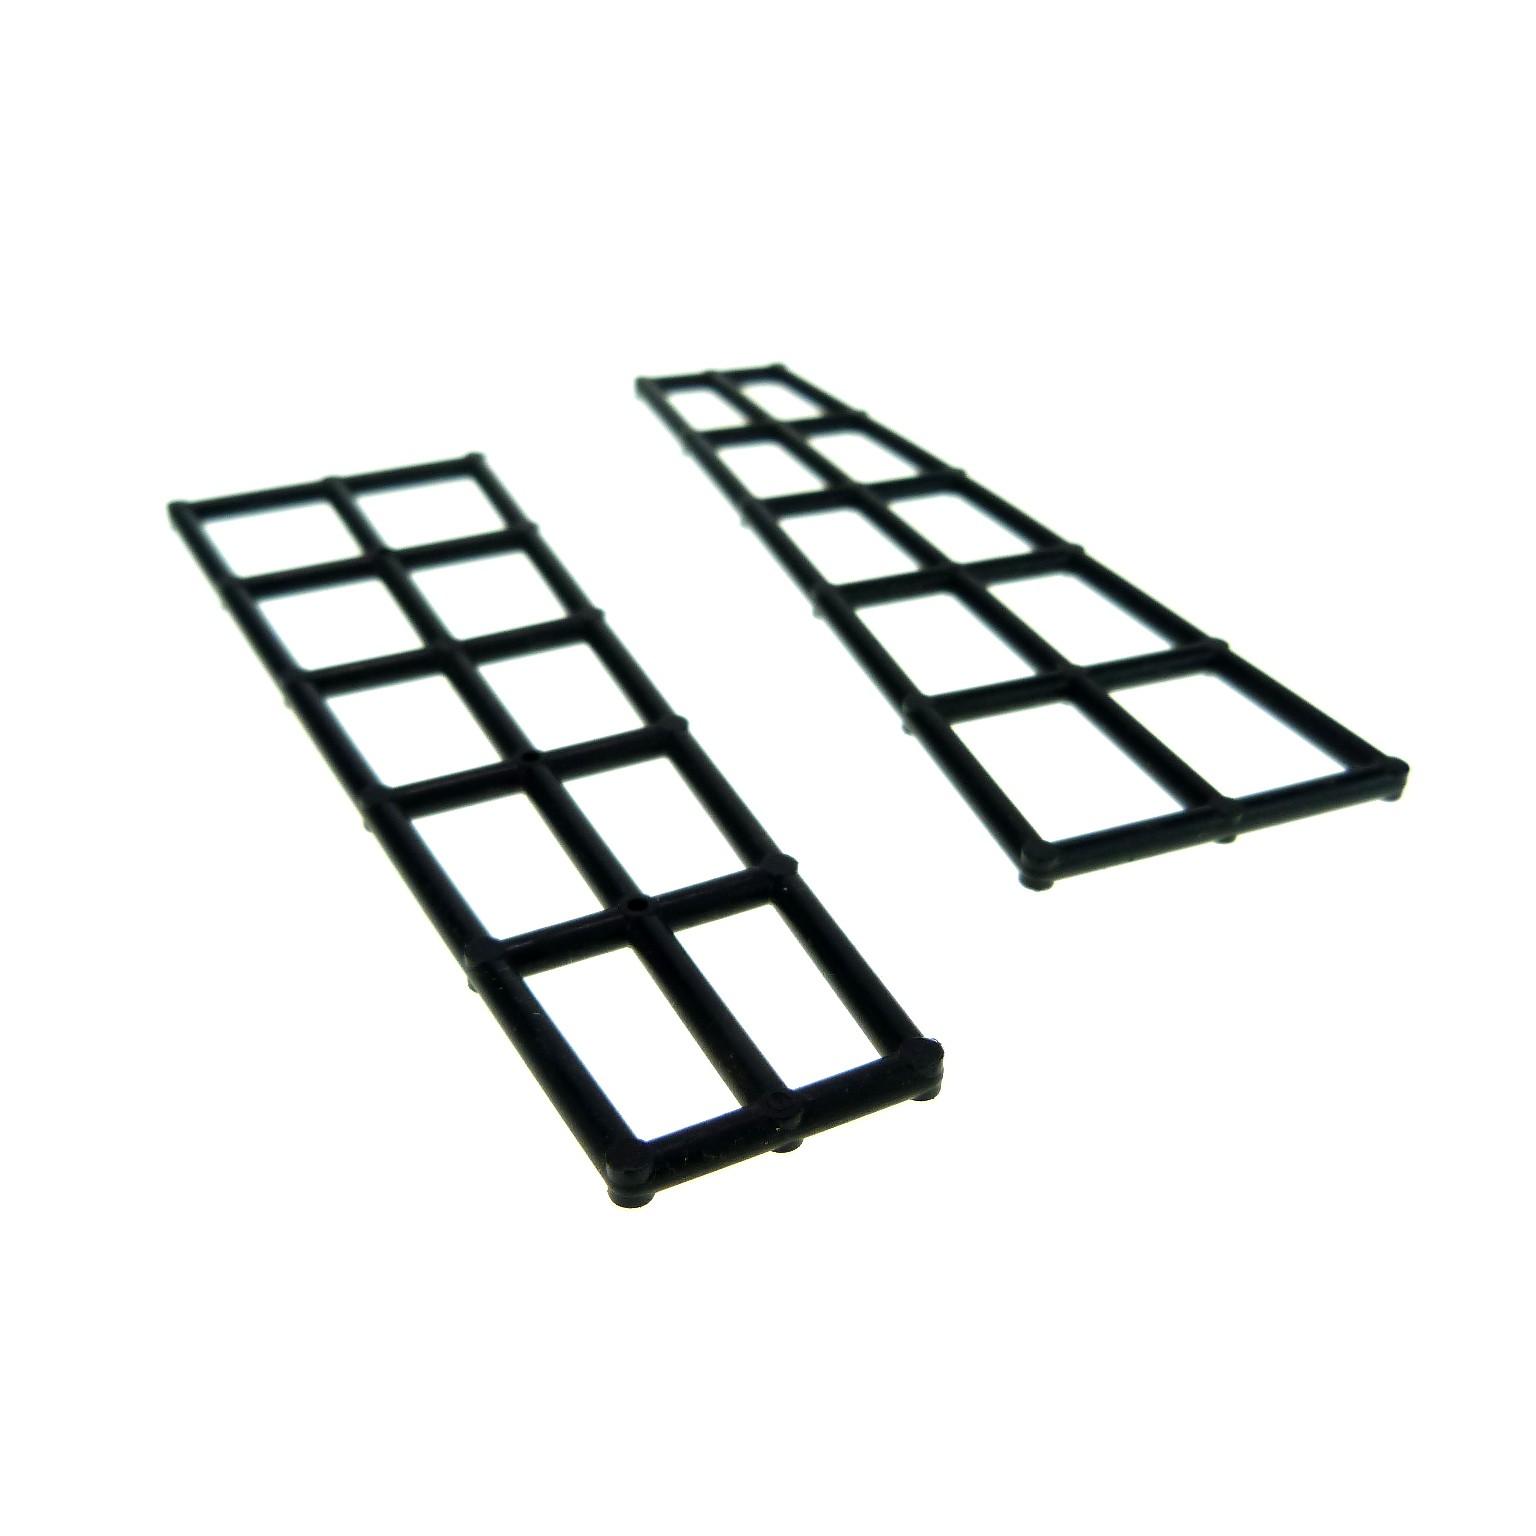 2 x  Lego System Takelage Wanten schwarz kurz 5x16 Schiff Mast Boot Segel 6057